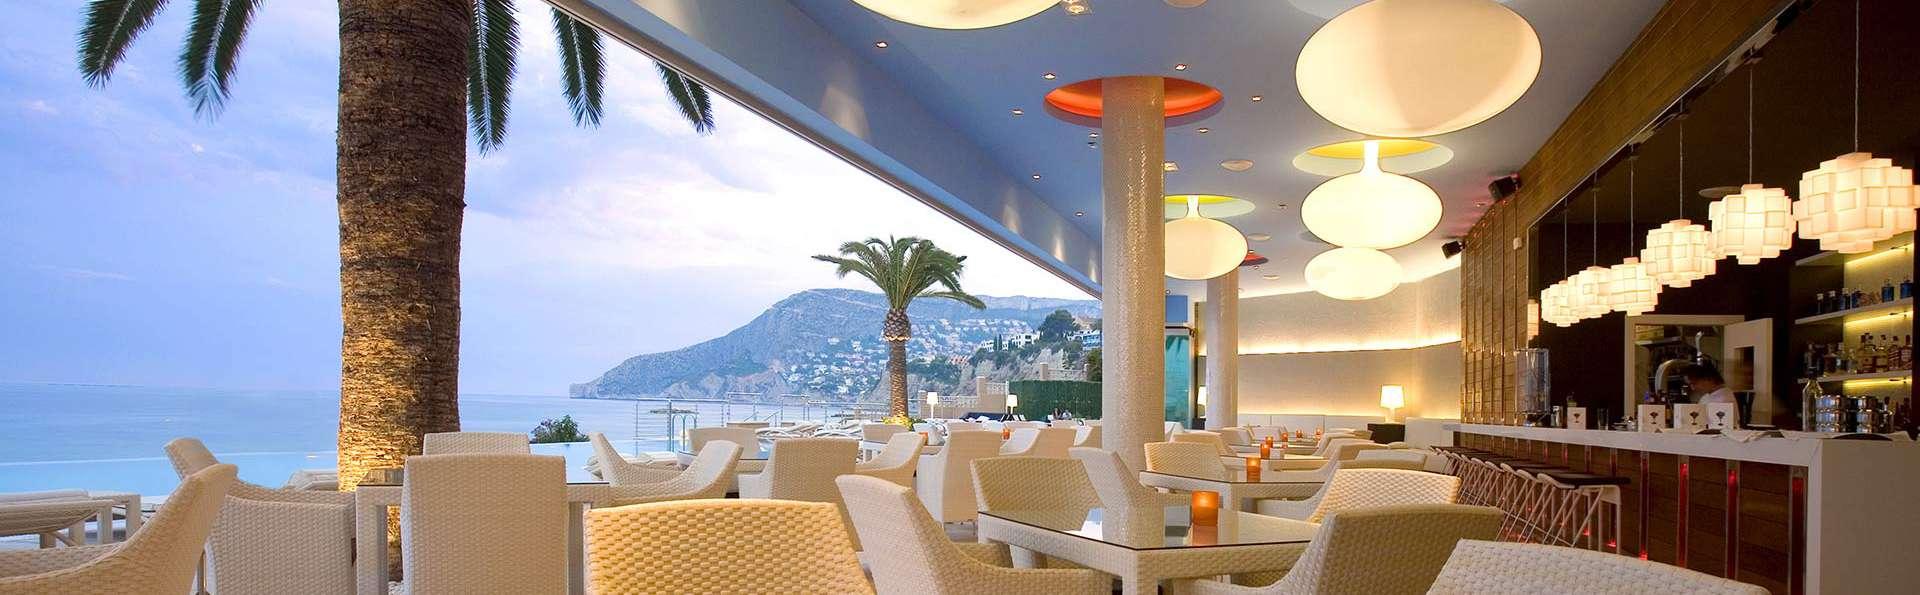 Gran Hotel Sol y Mar (Adults Only) - EDIT_terrace.jpg